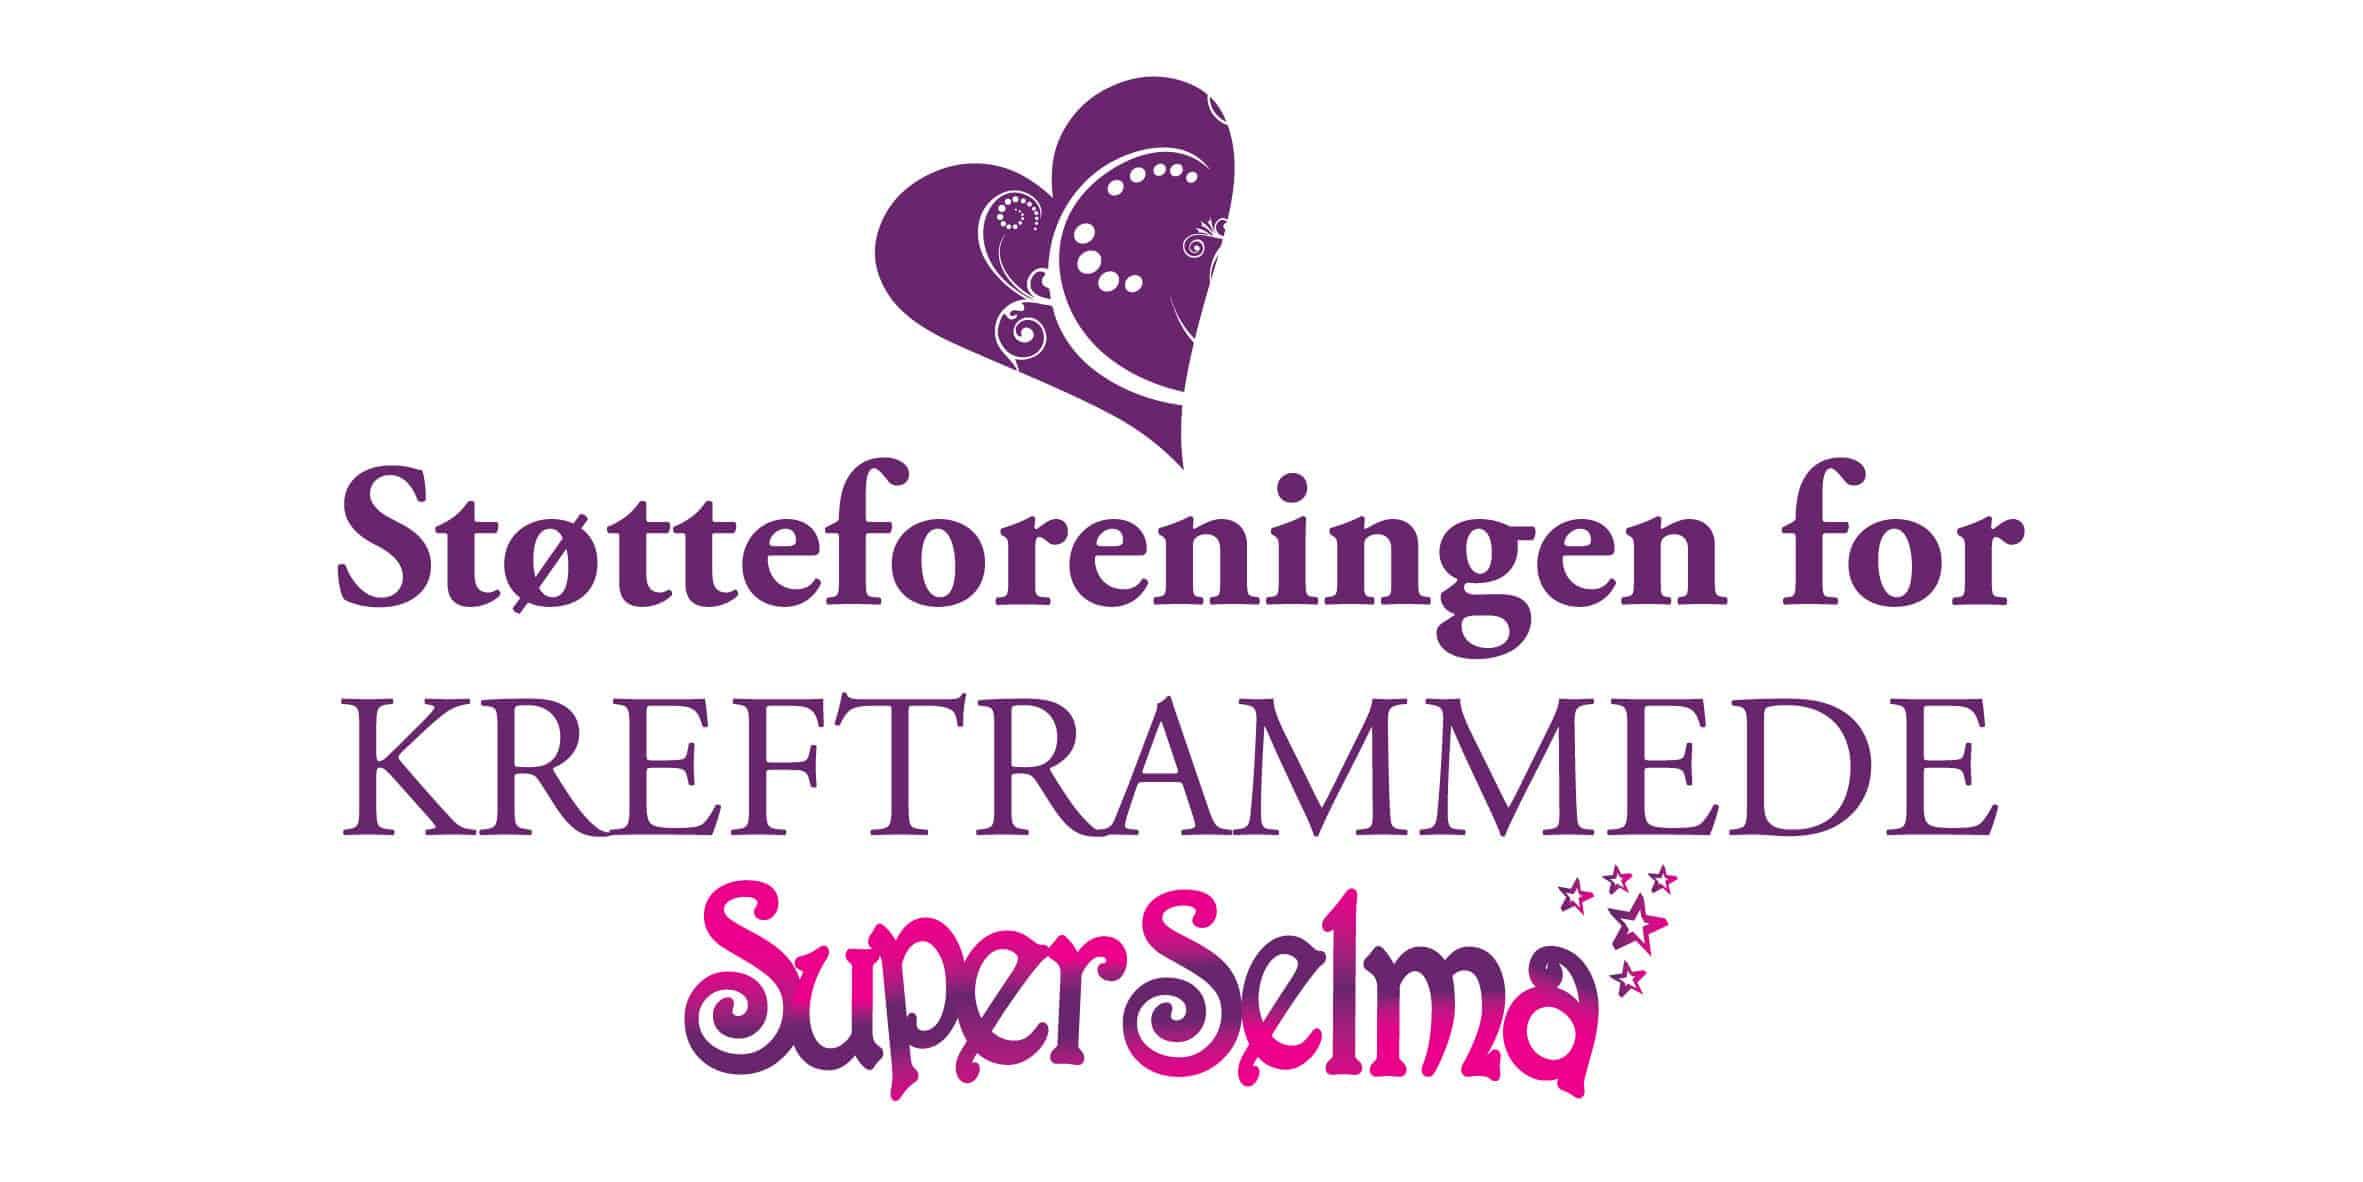 Støtteforeningen for Kreftrammede - Super Selma